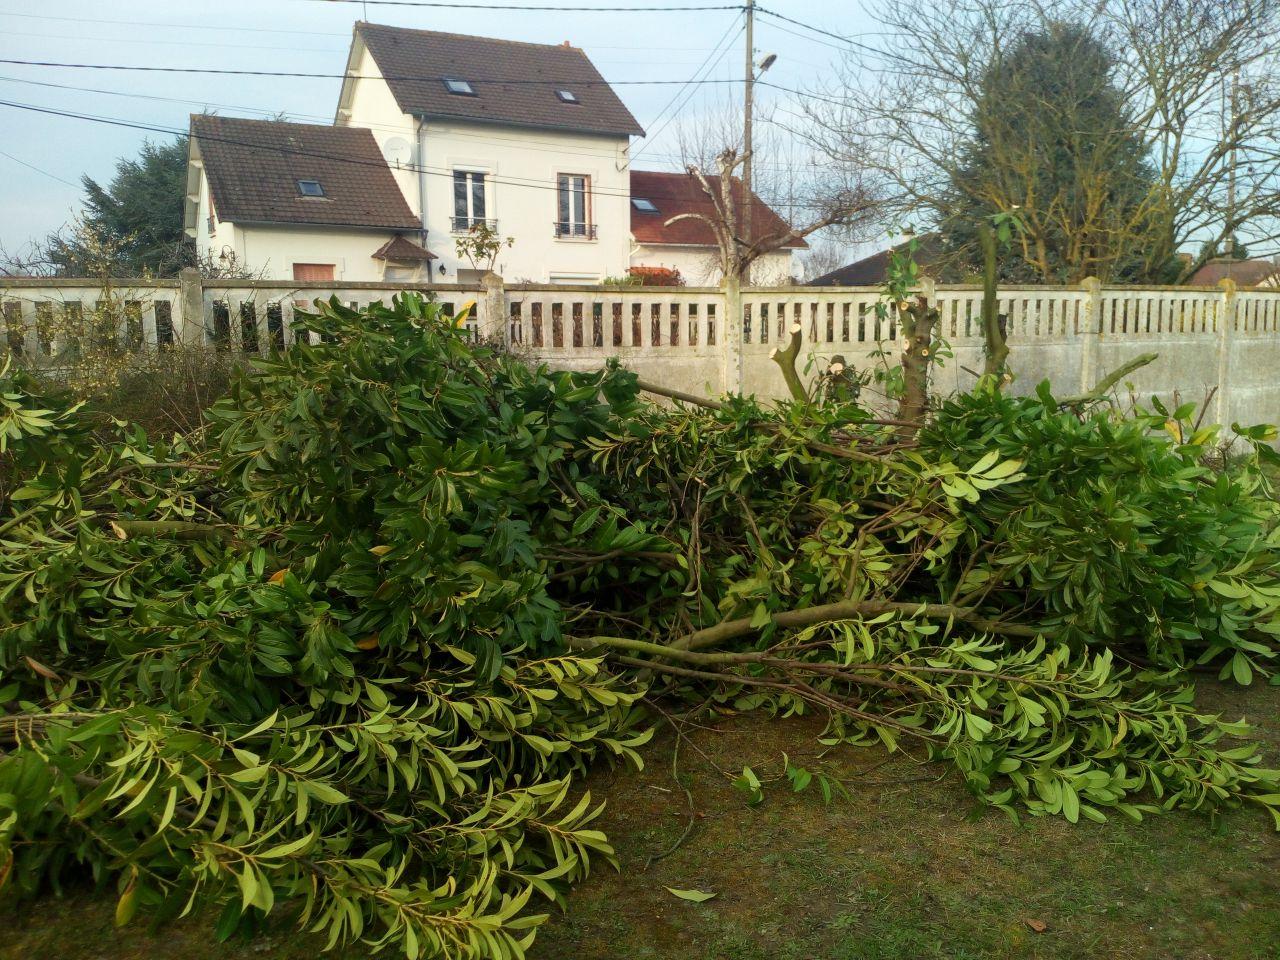 un arbre qui empiétait sur l'emplacement de la futur construction a été élagué